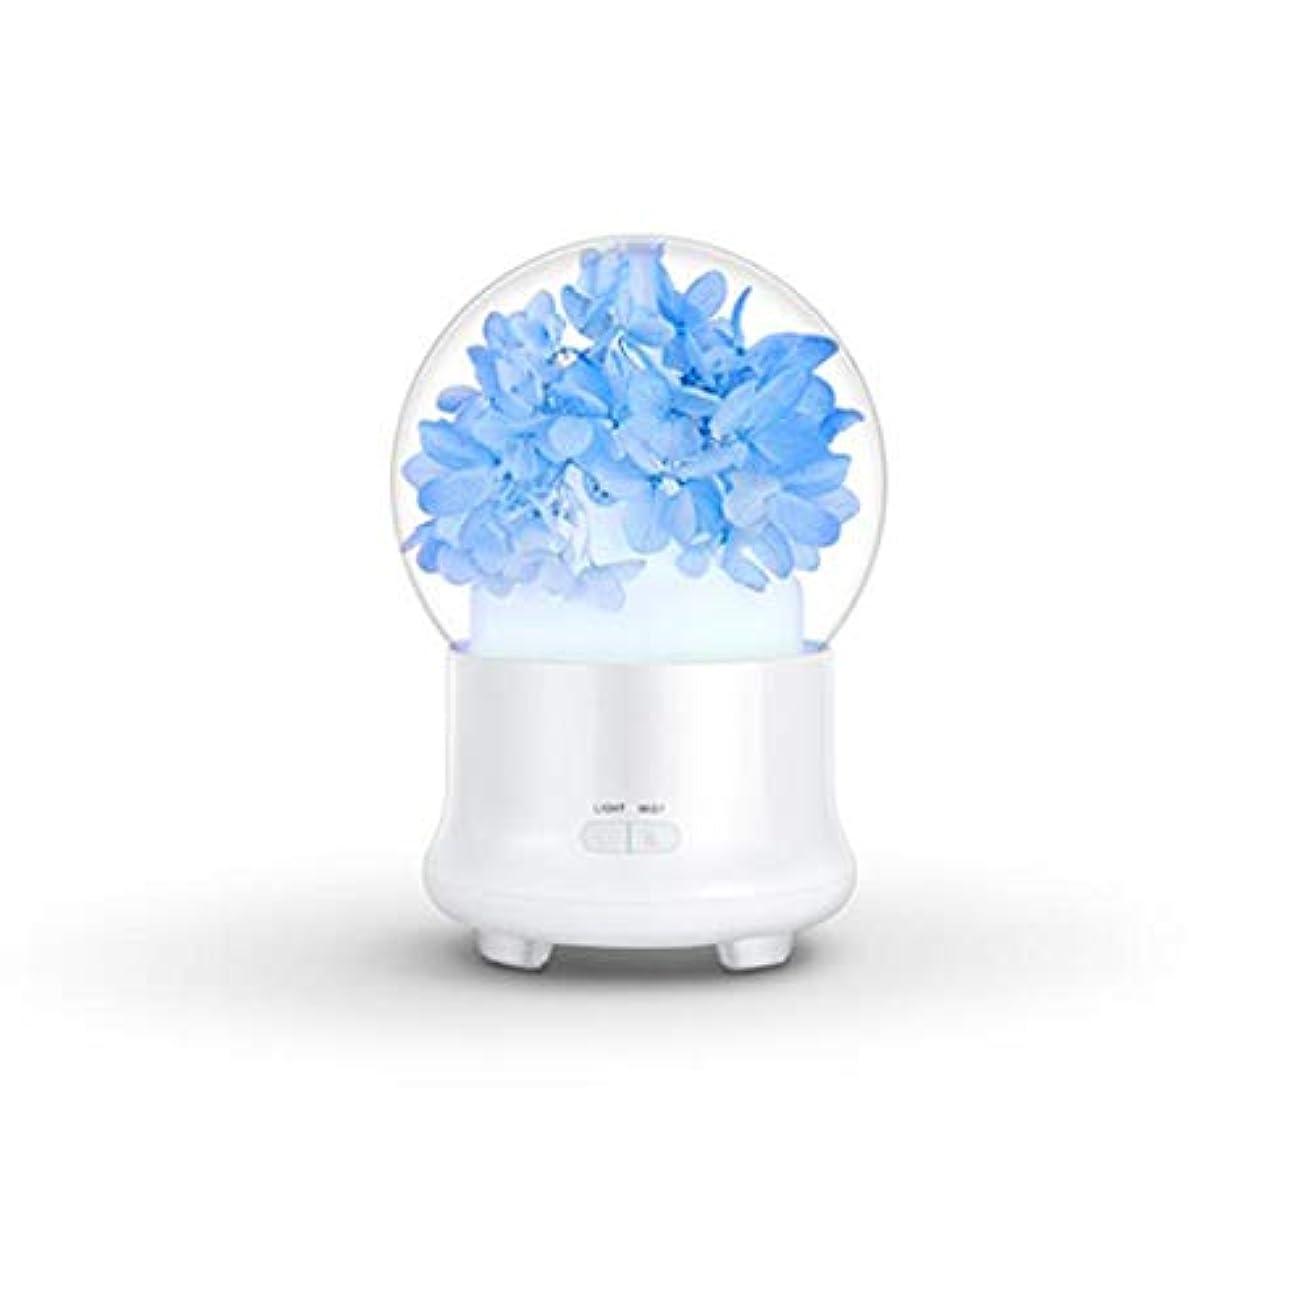 セメントパスタ呼びかけるACHICOO アロマディフューザー 加湿器 花 電気 カラフル LED ミストフォッガー かわいい 安全 24V 12 x 12 x 16.8cm ブルー